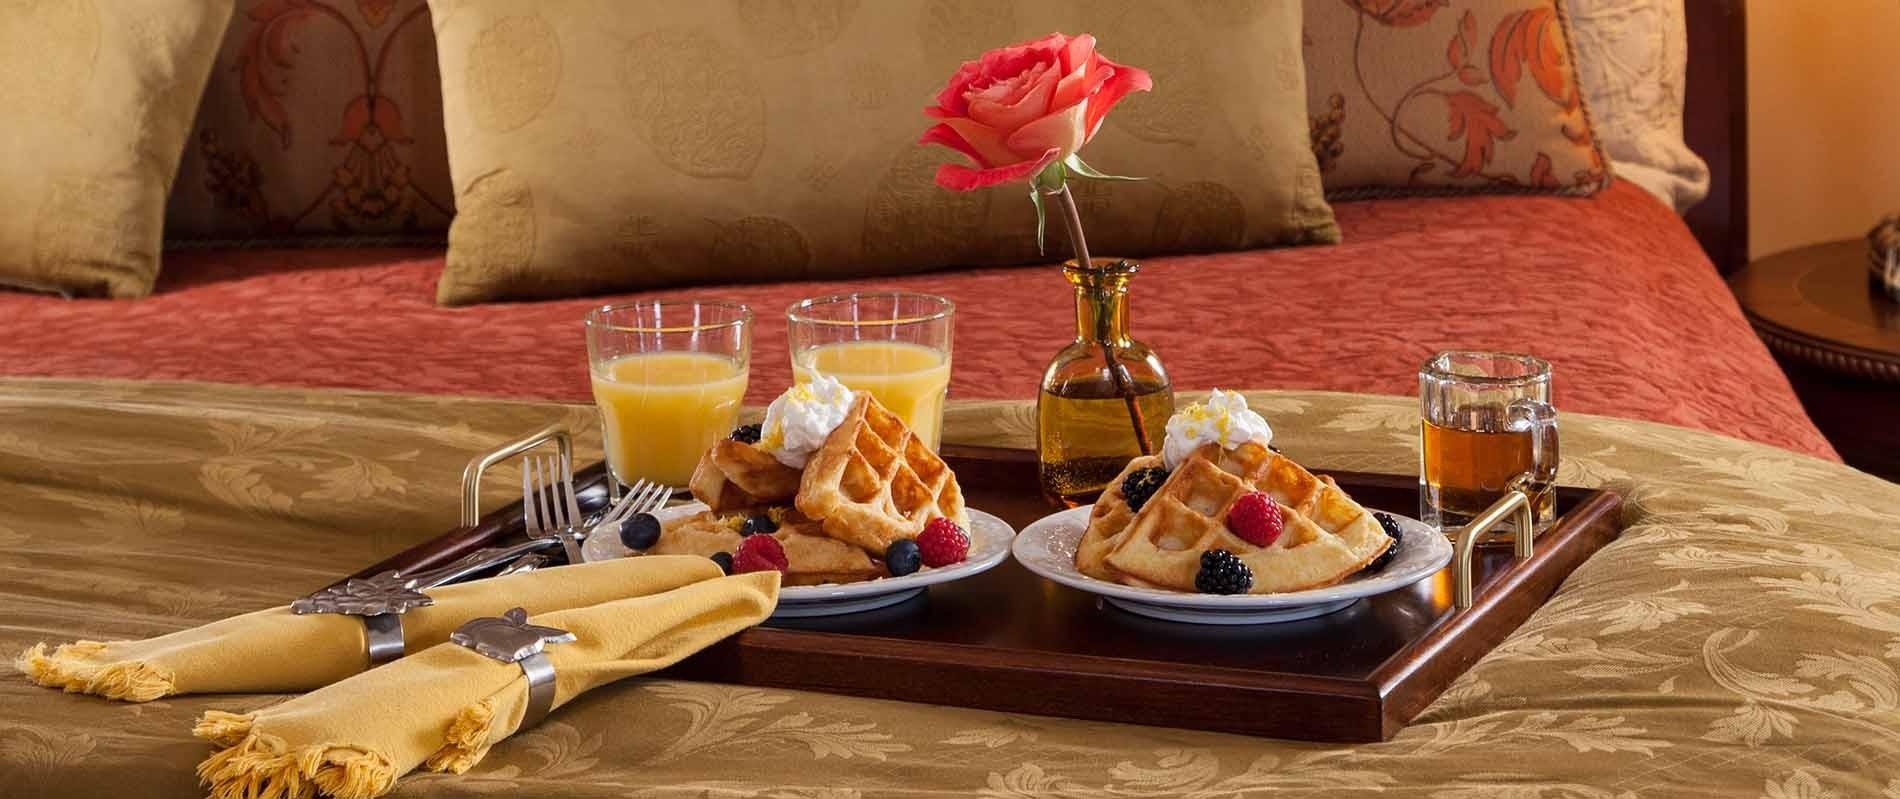 Breakfast in Bed in a Burlington VT Inn